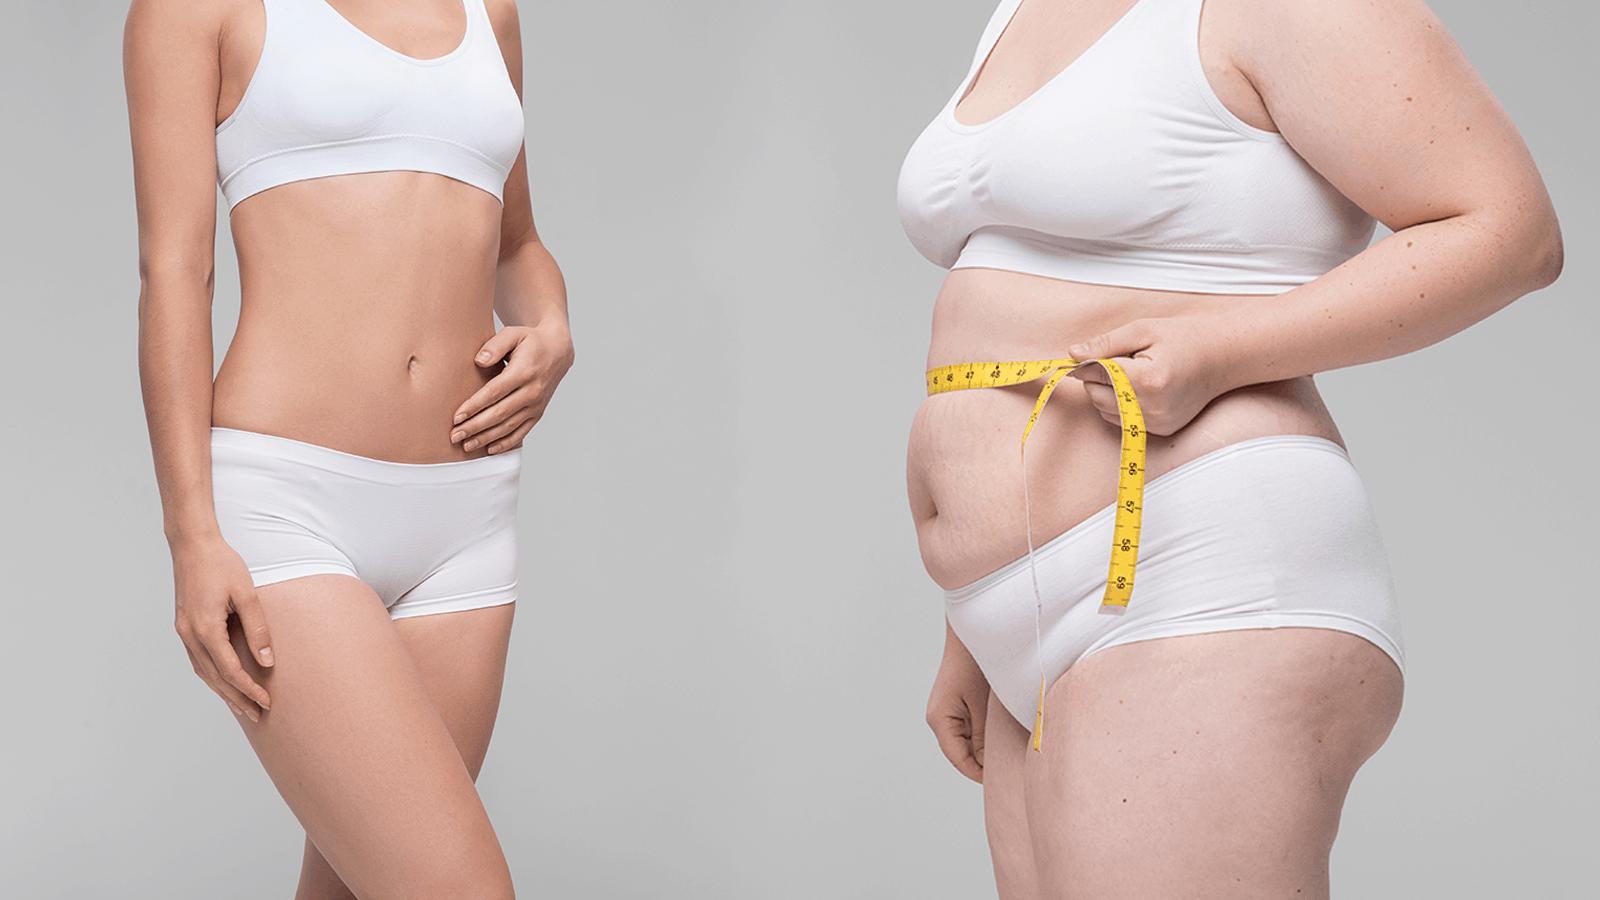 C чего начать Похудение?